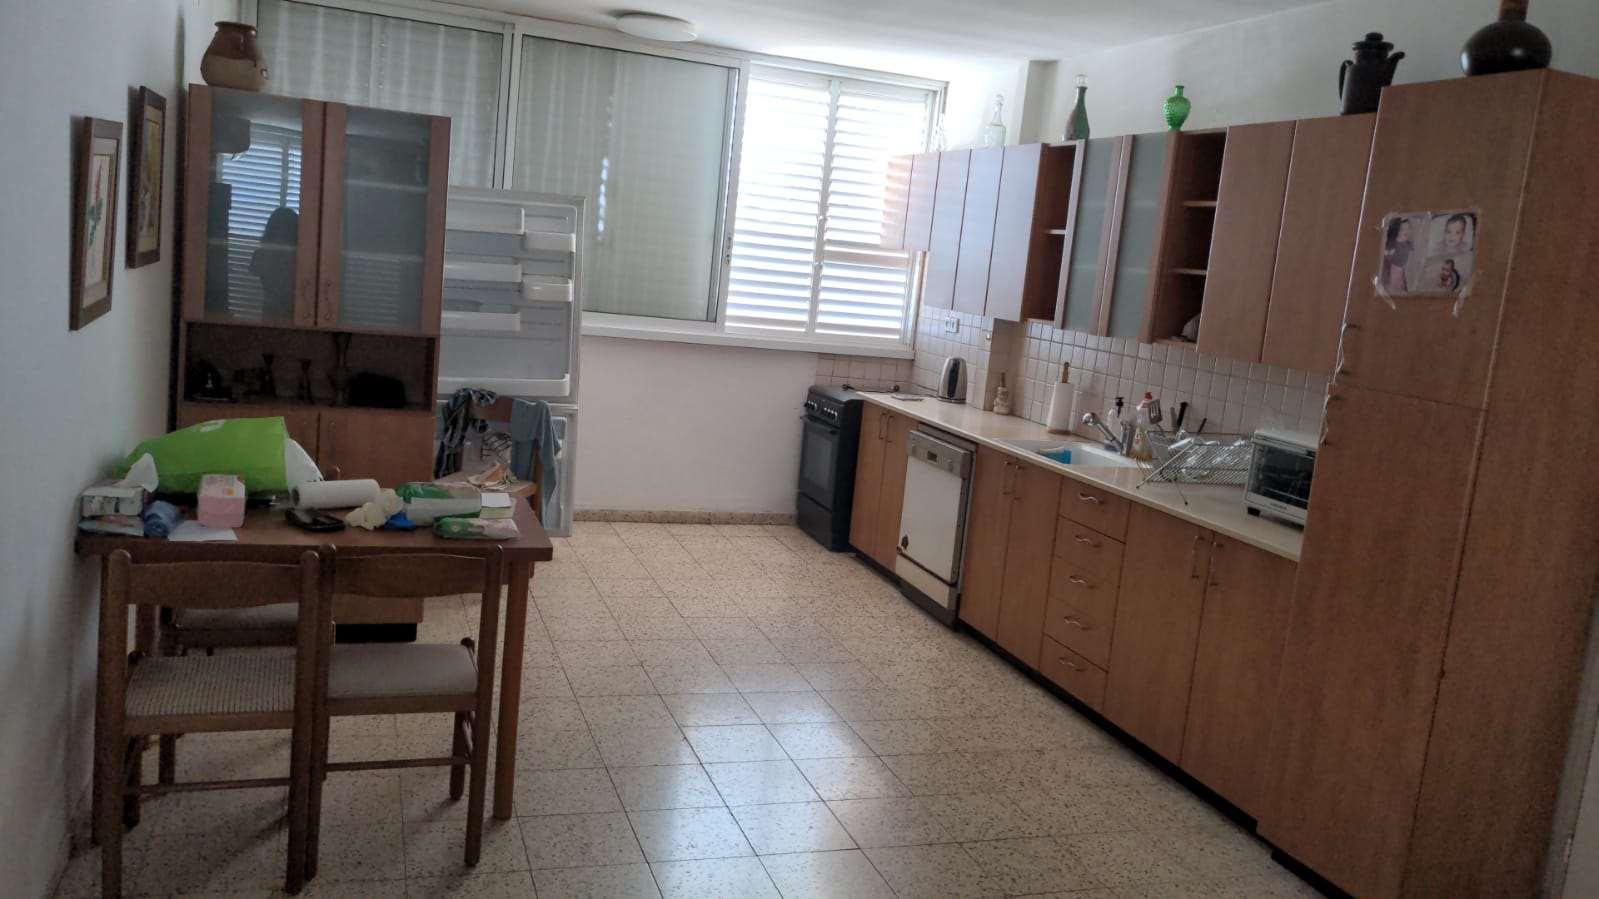 דירה למכירה 3 חדרים בפתח תקווה ההסתדרות